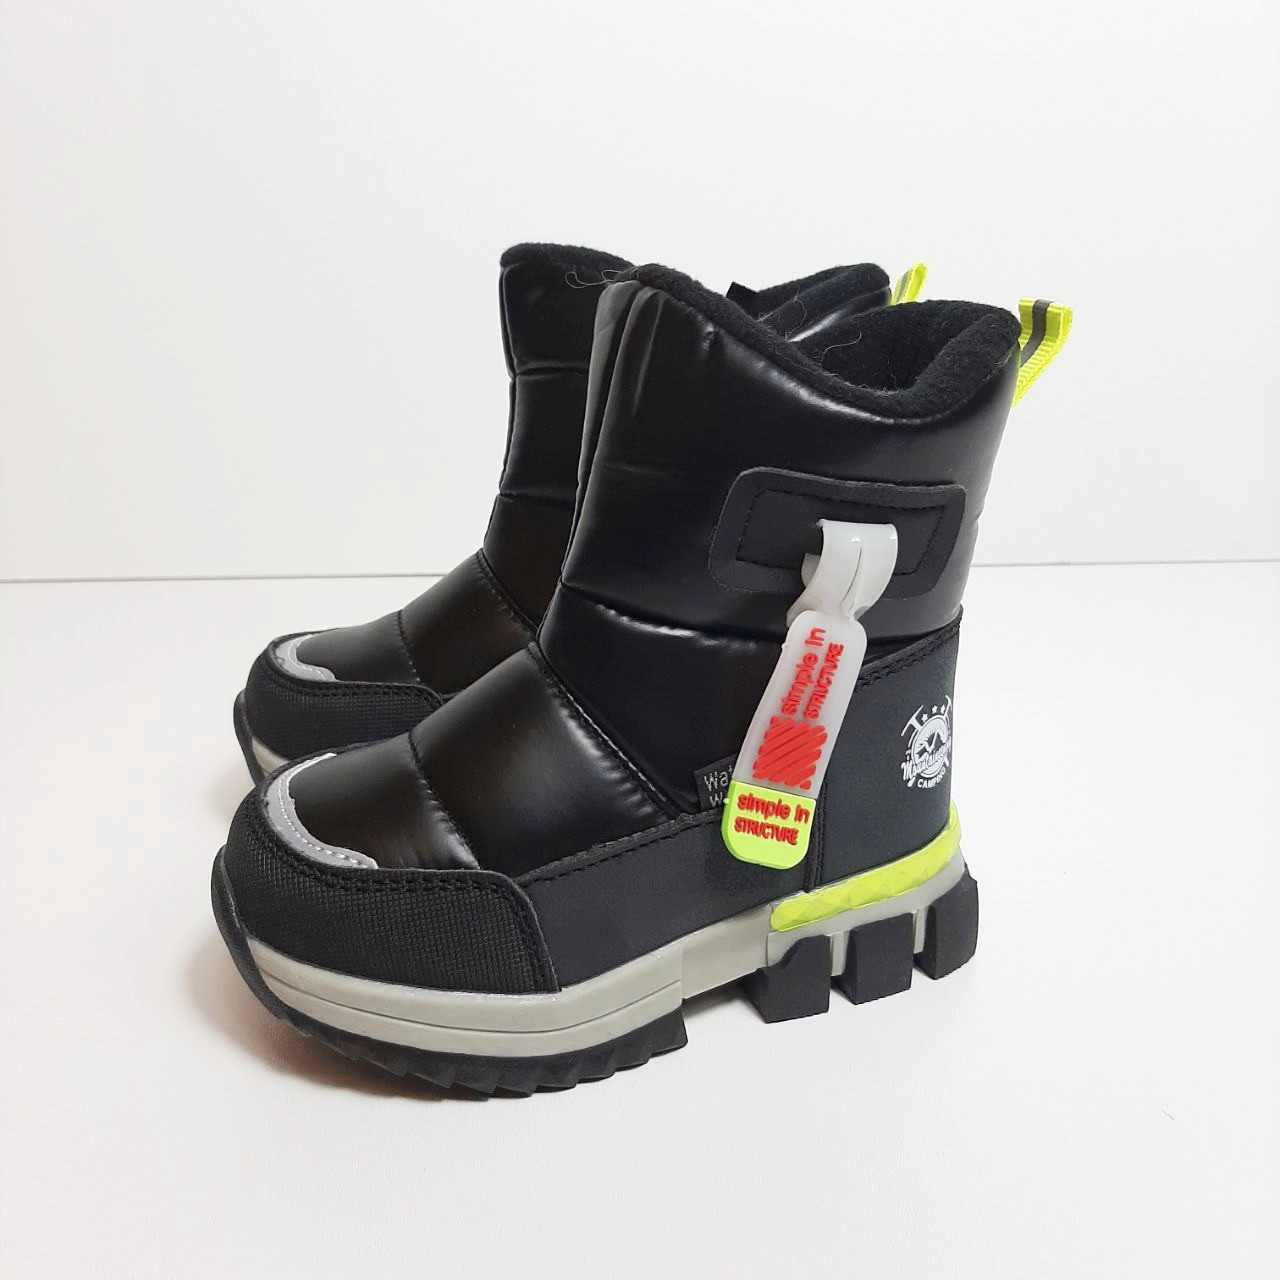 Зимние сапоги для мальчика Tom.m Чёрный р. 25 (16,3 см), 27 (17,5 см)